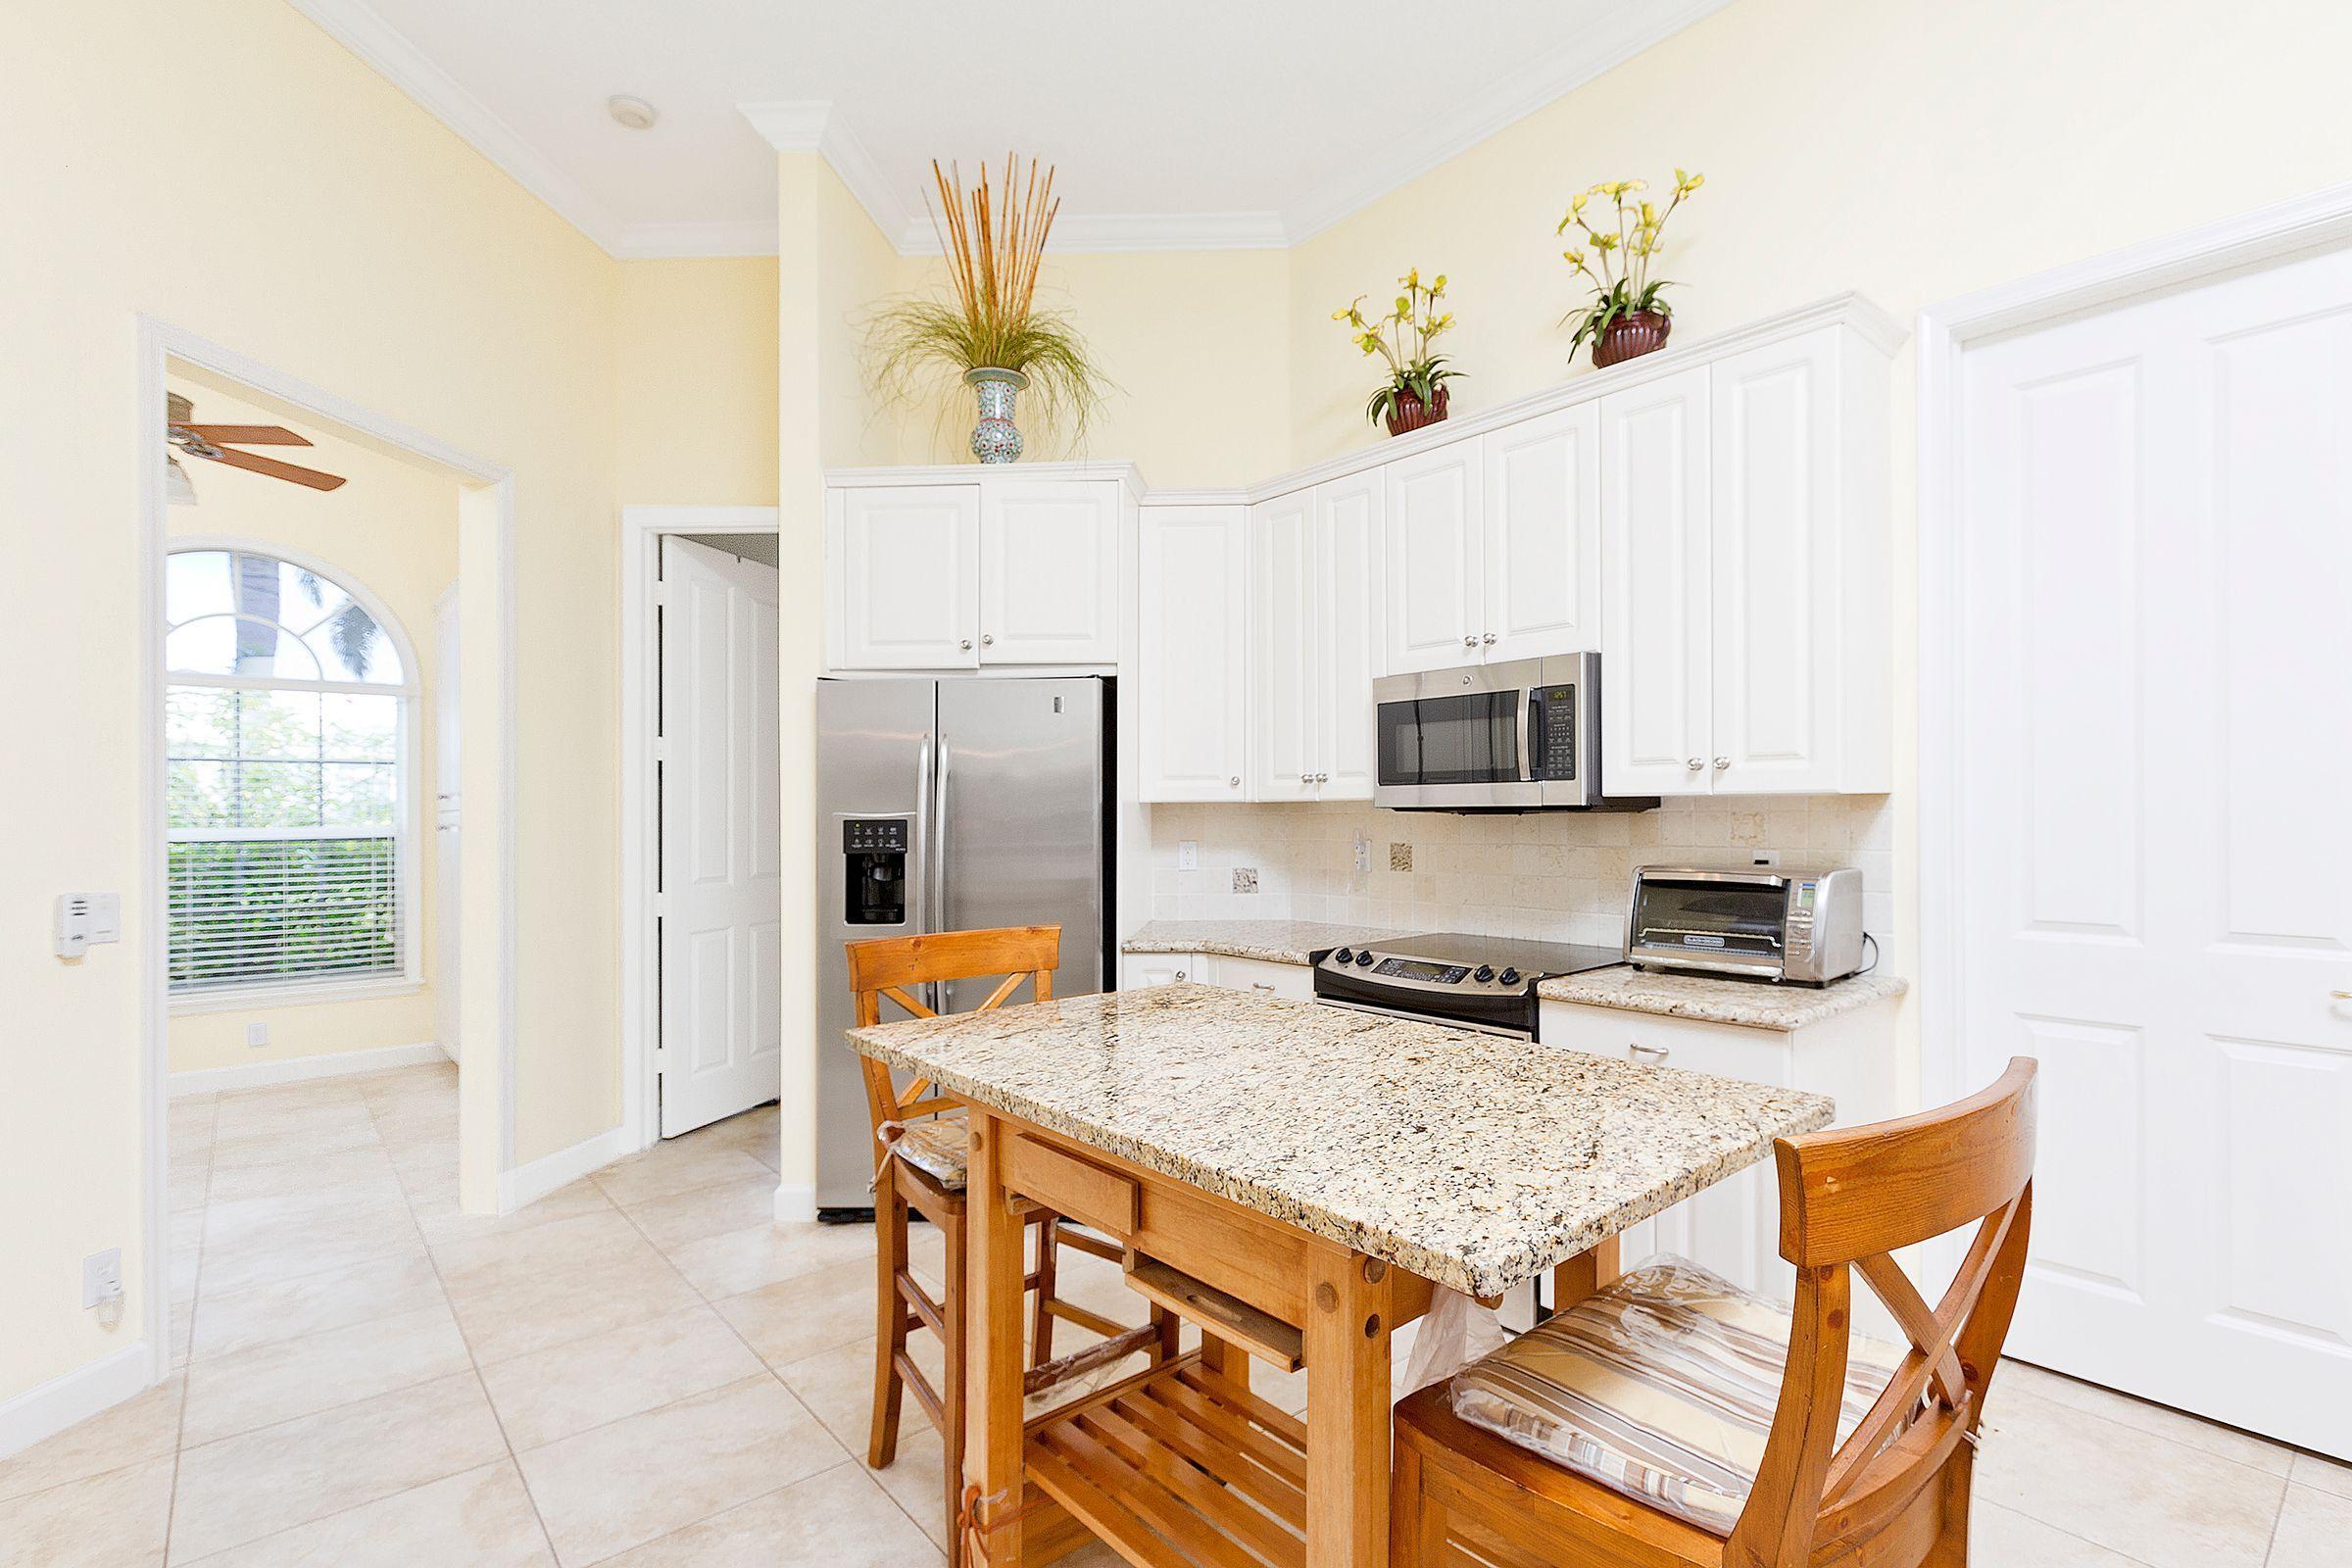 kitchen layout 4